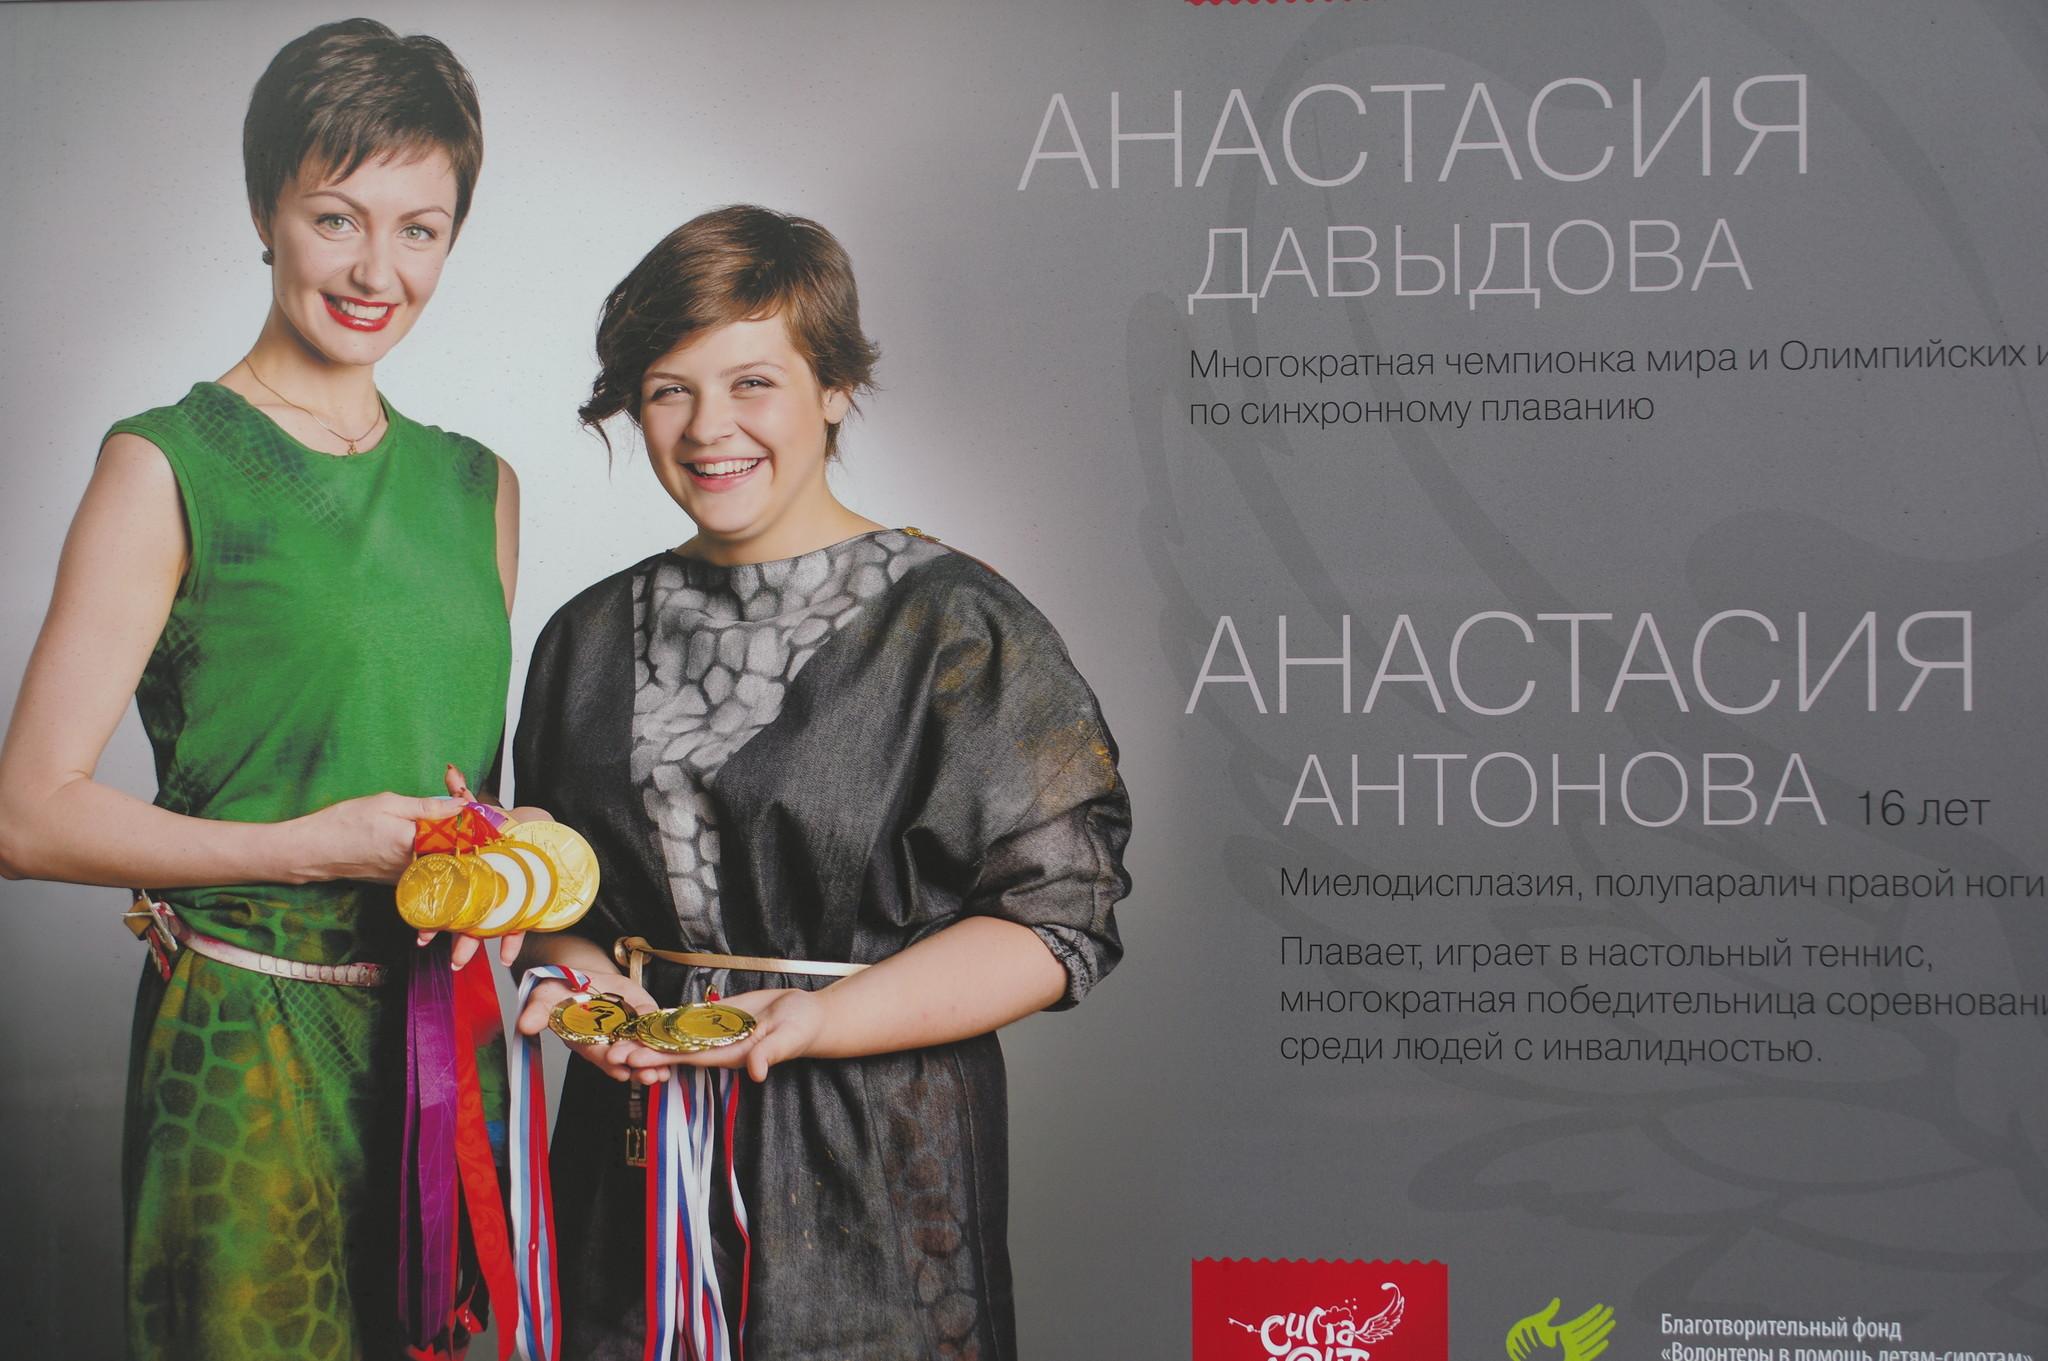 Пятикратная олимпийская чемпионка по синхронному плаванию Анастасия Семёновна Давыдова